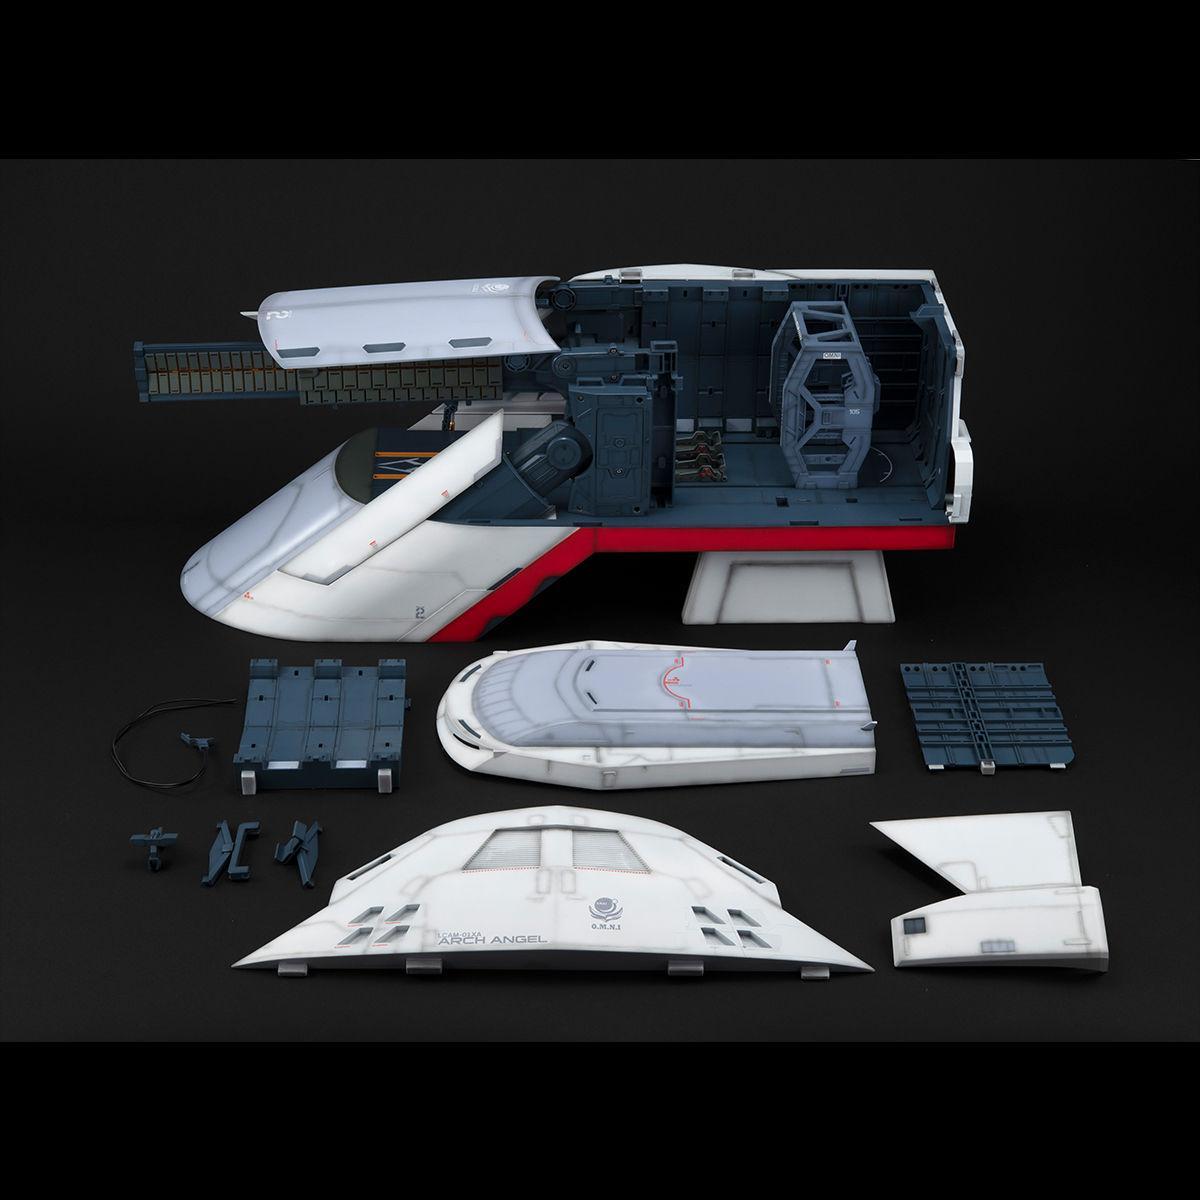 【限定販売】Realistic Model Series『1/144 HGシリーズ用 アークエンジェルカタパルトデッキ』ガンダムSEED 半完成キット-006